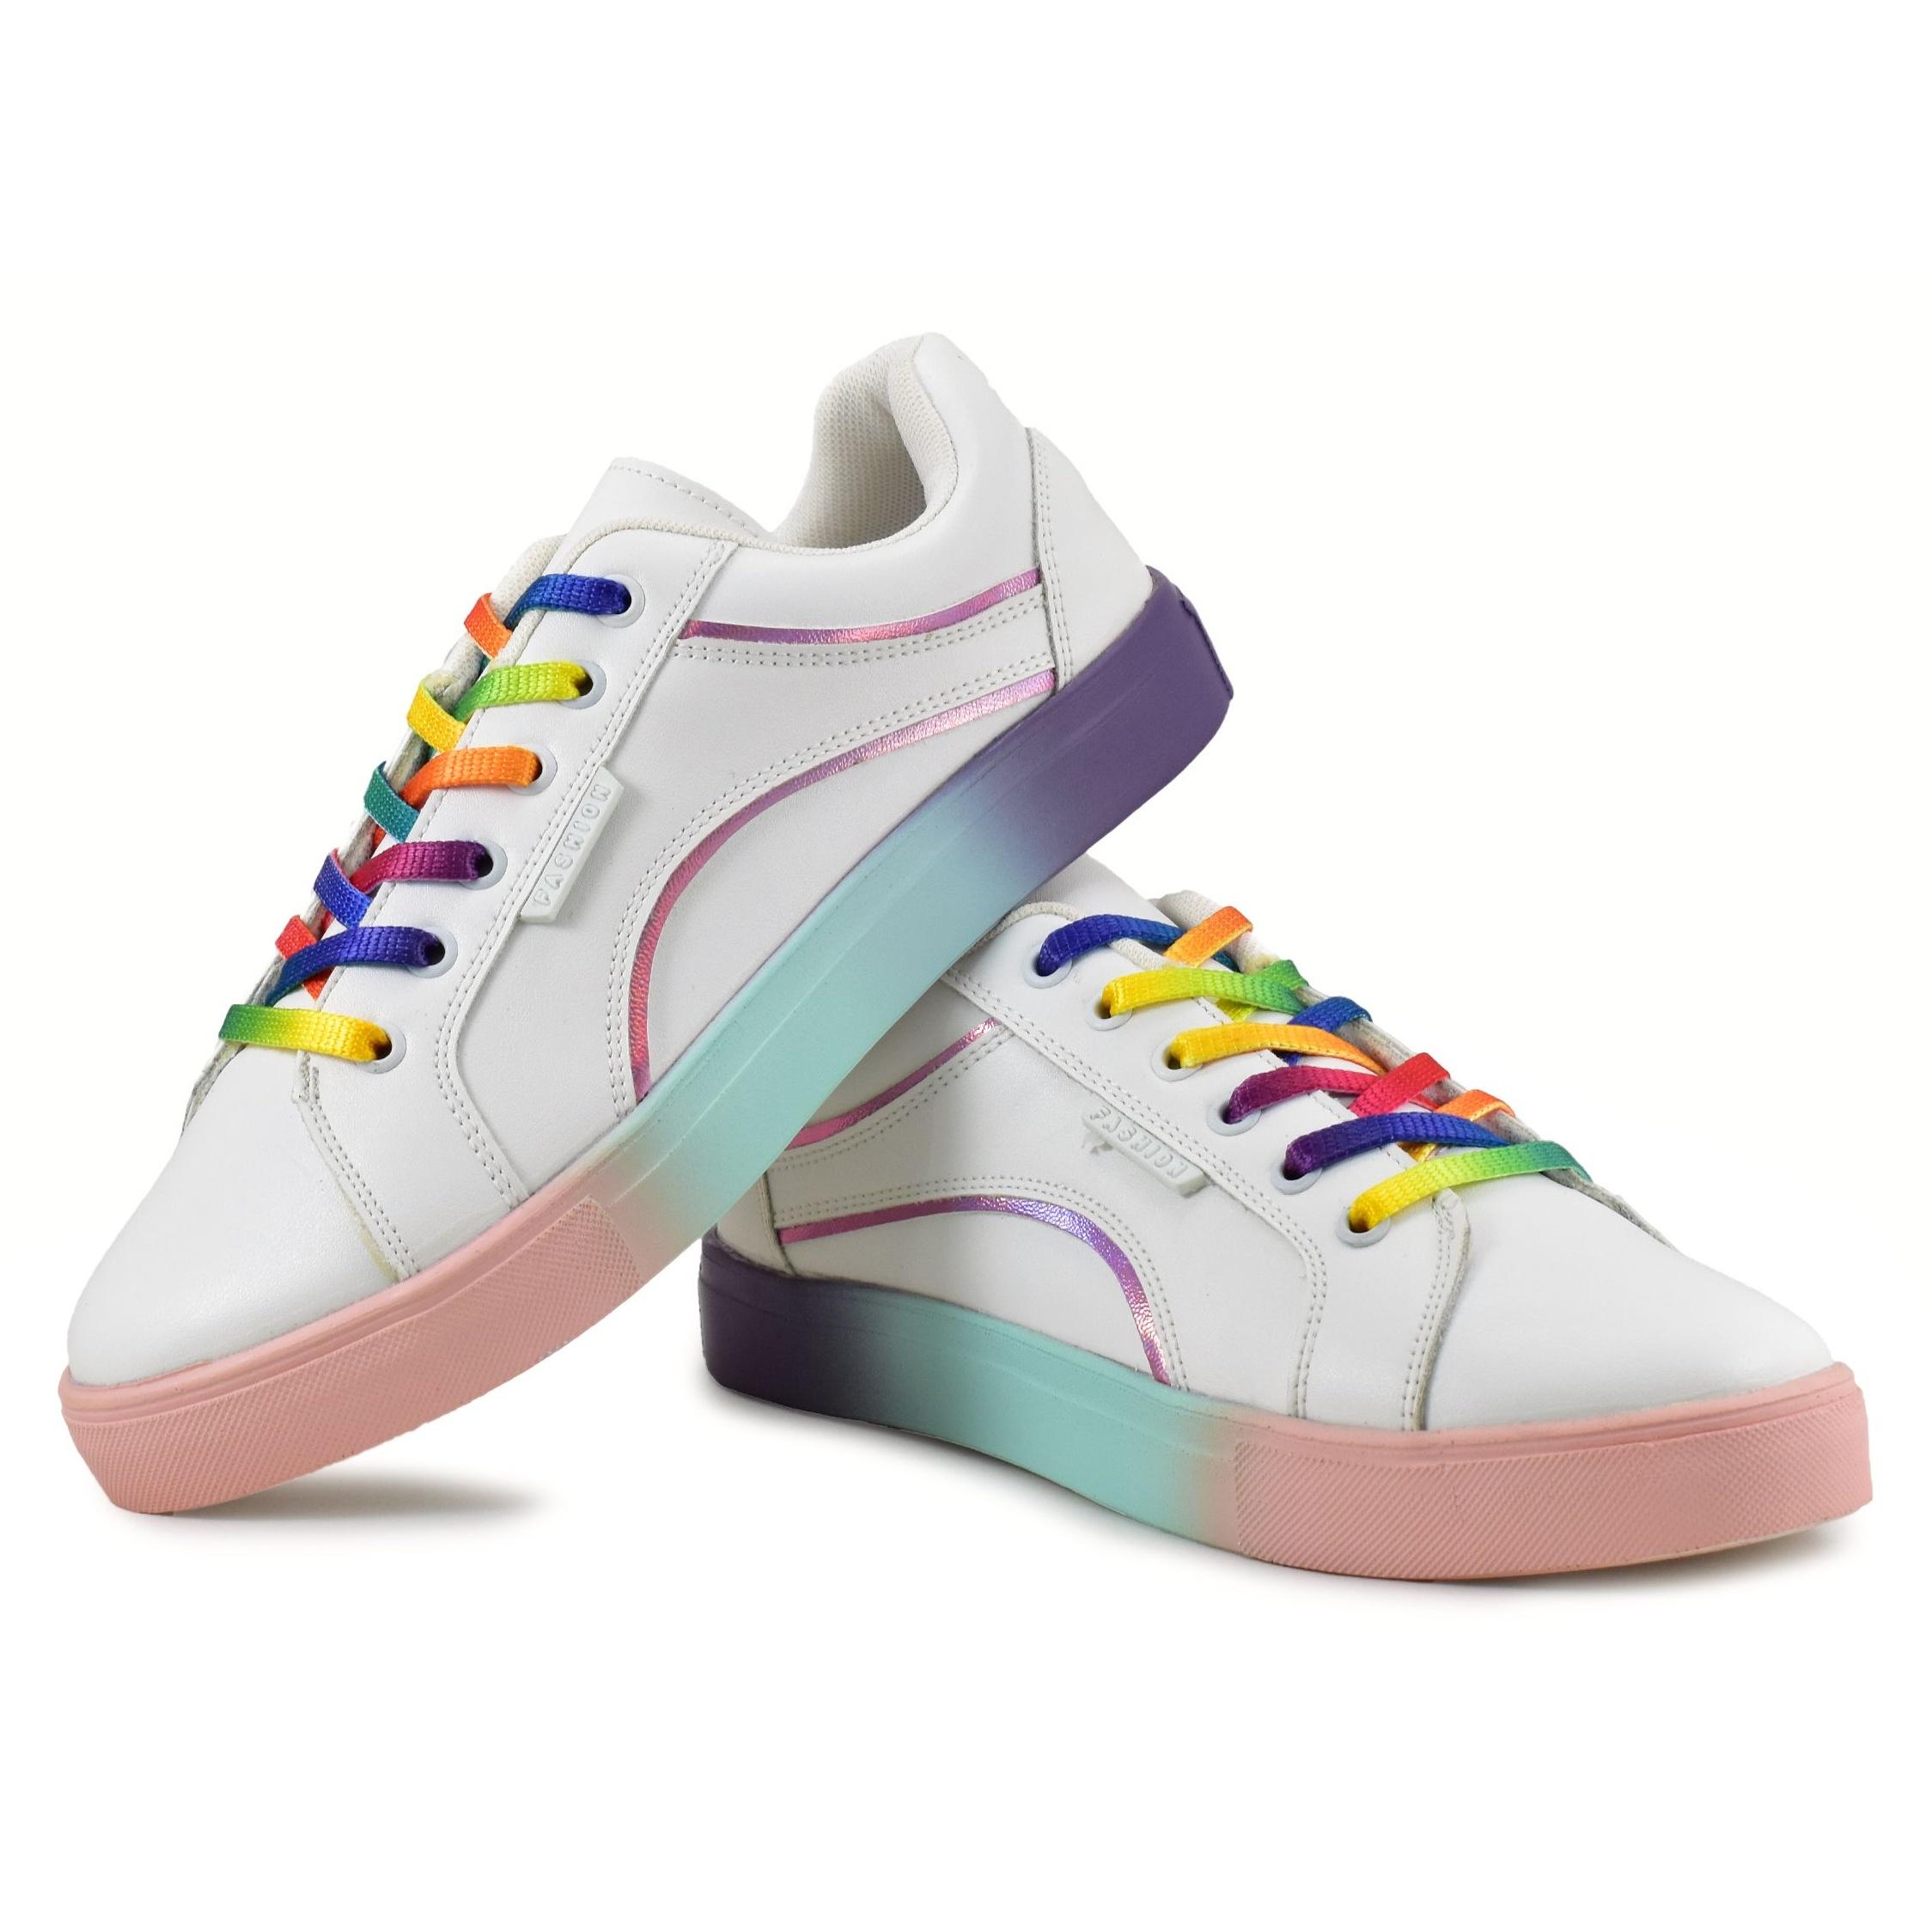 کفش مخصوص پیاده روی زنانه مدل هامون کد 4685